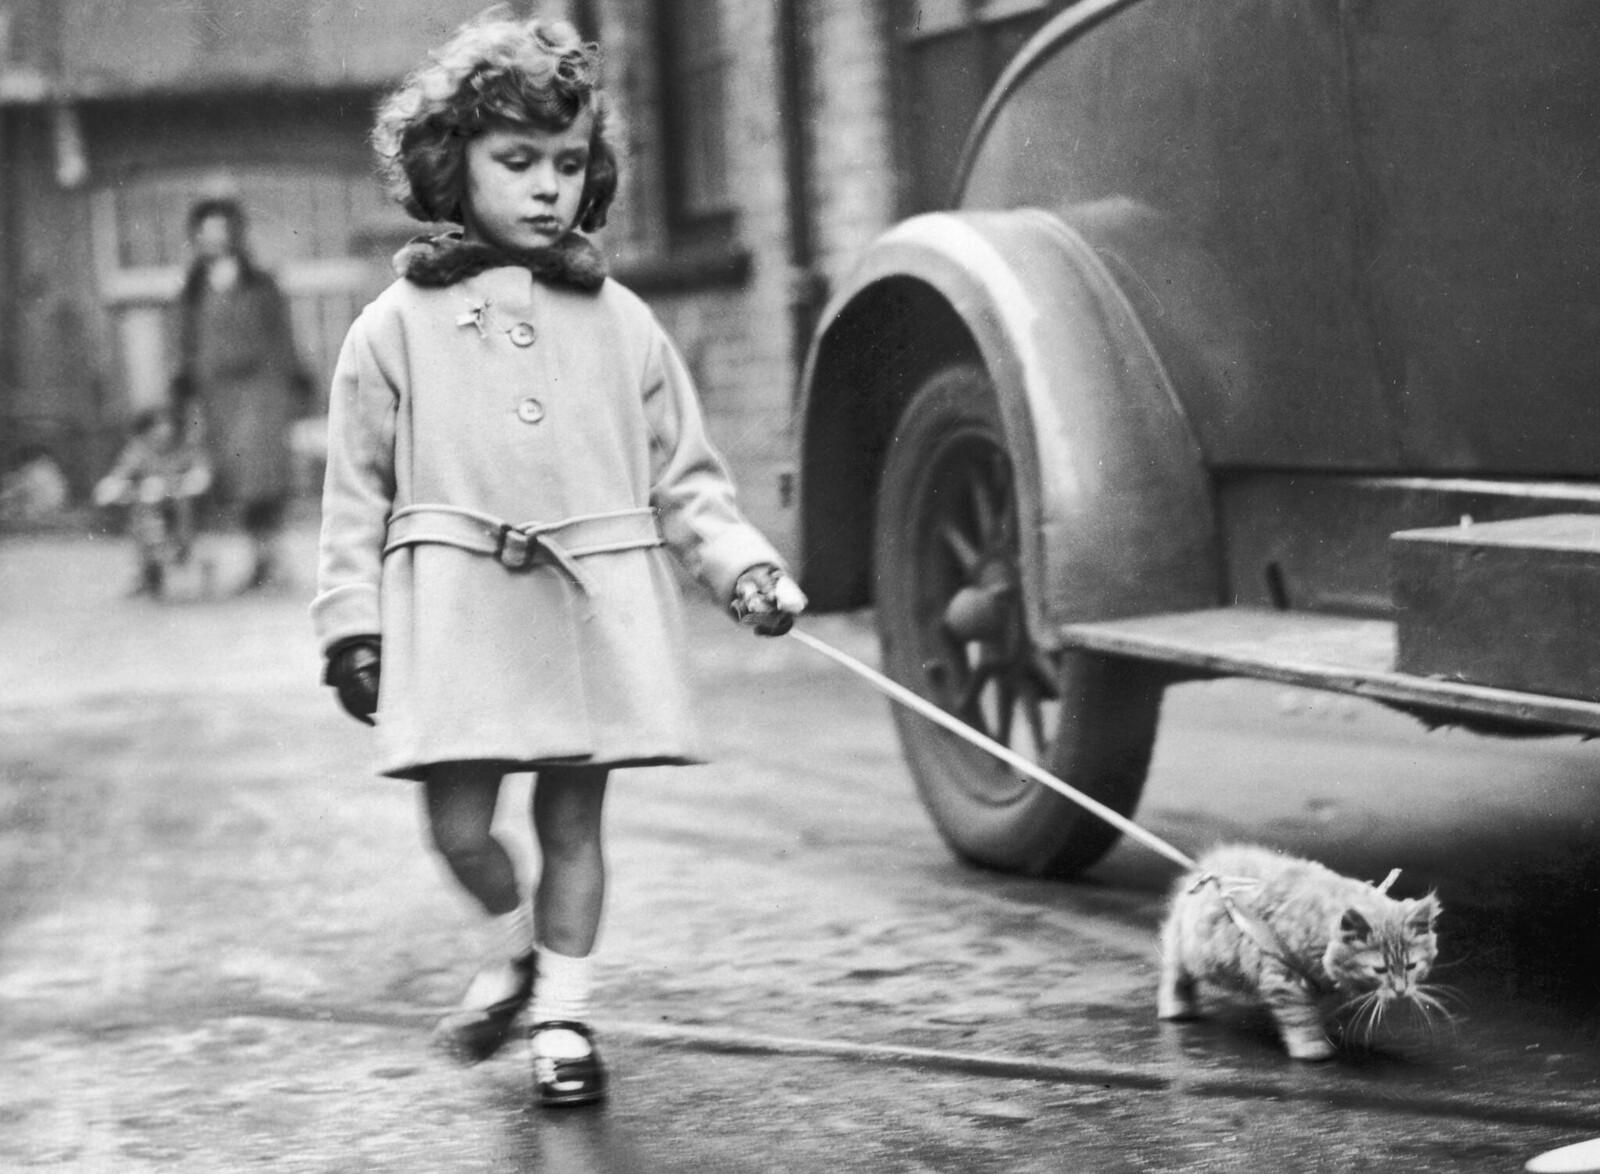 1931. Юная участница со своим котенком на поводке на выставке Национального клуба кошек в Кристал Пэлас, Лондон. 2 декабря